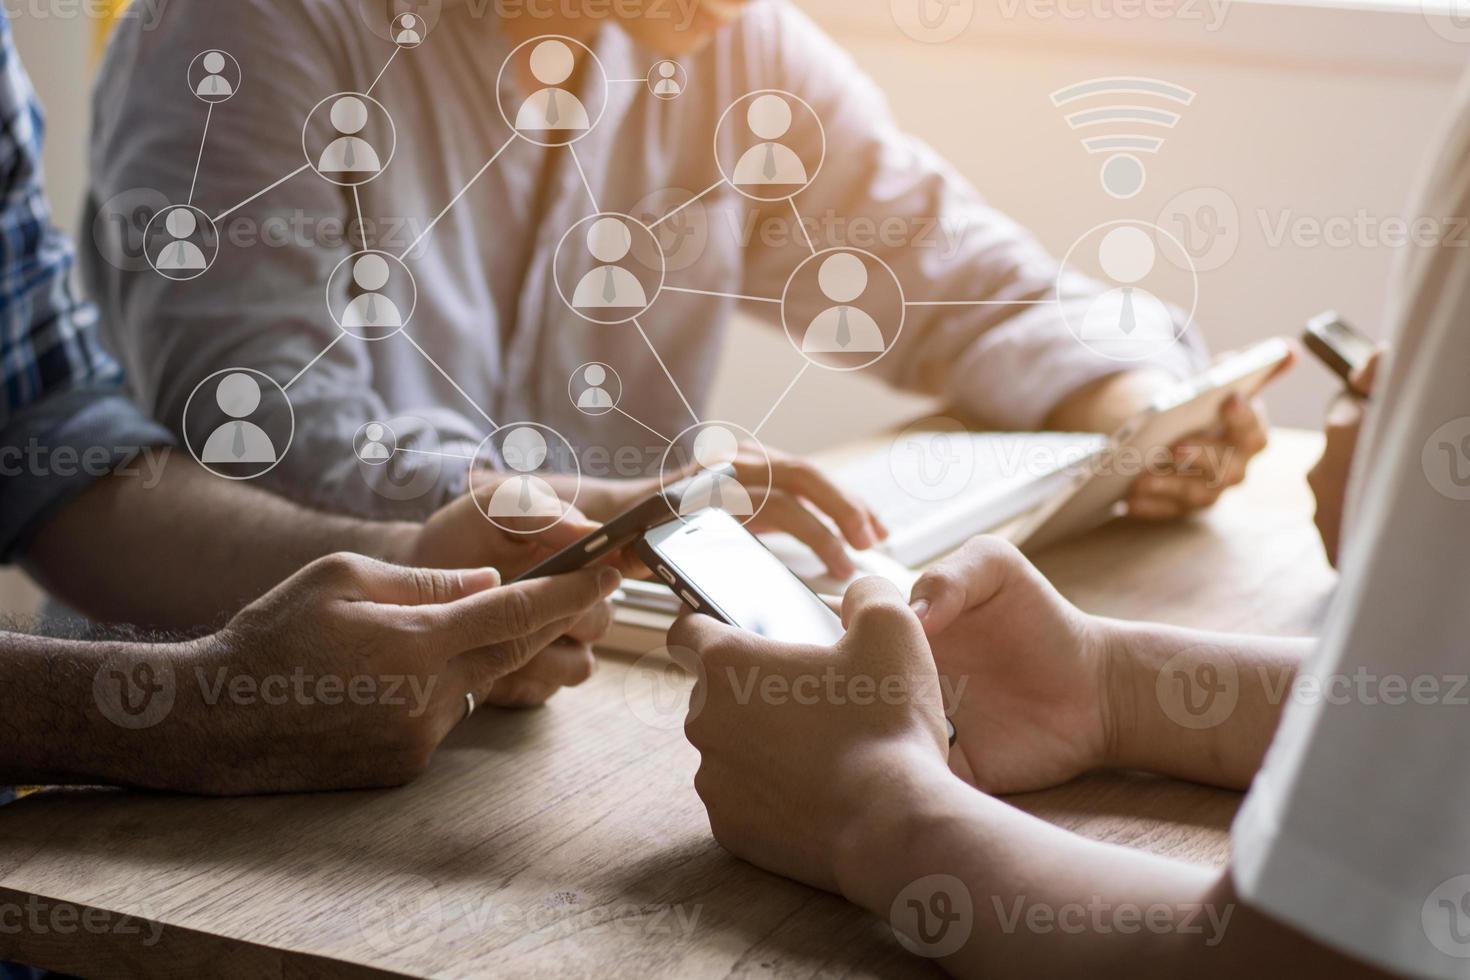 mensen die slimme telefoons gebruiken terwijl ze aan tafel zitten foto